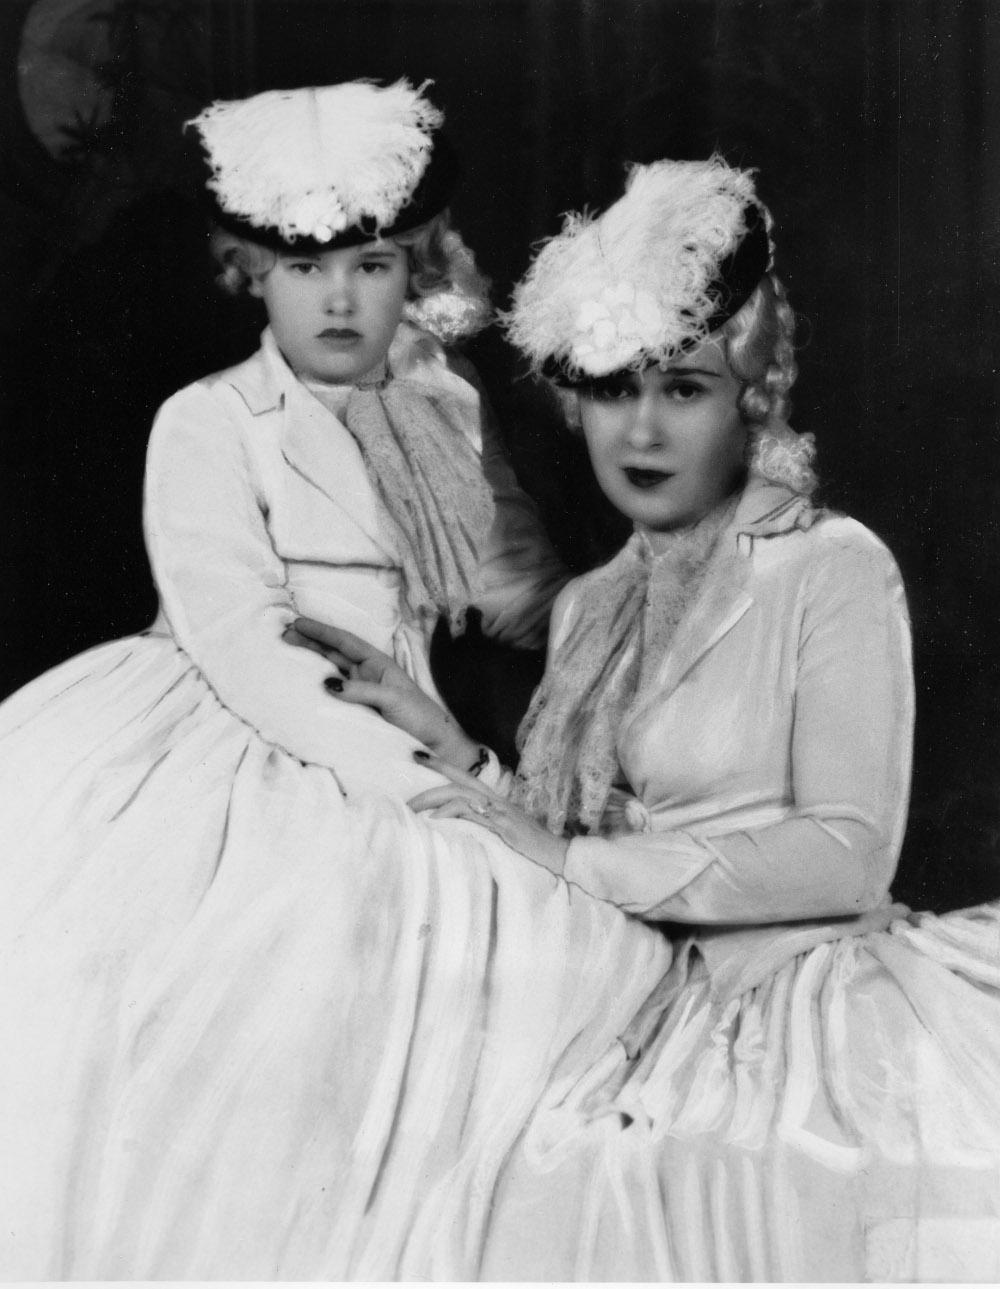 Η Γκλόρια Βάντερμπιλτ με την μητέρα της